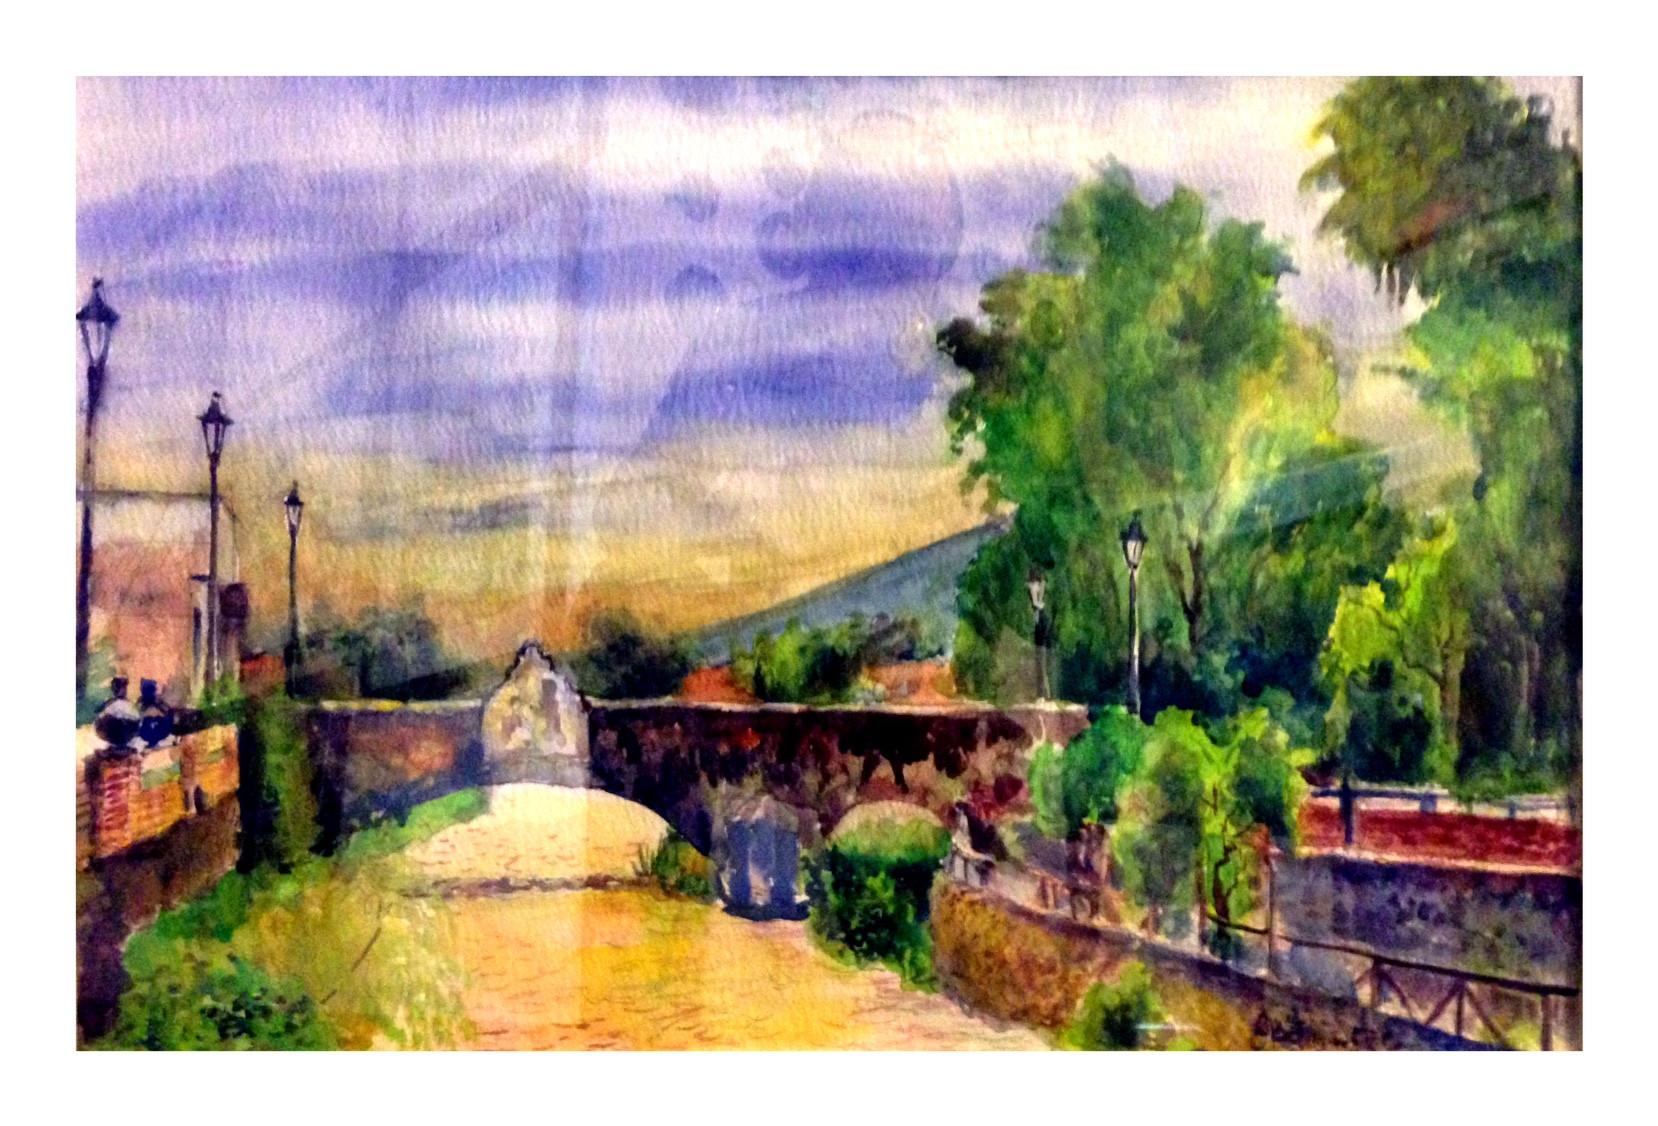 El Puente en Jiquílpan, Mich.